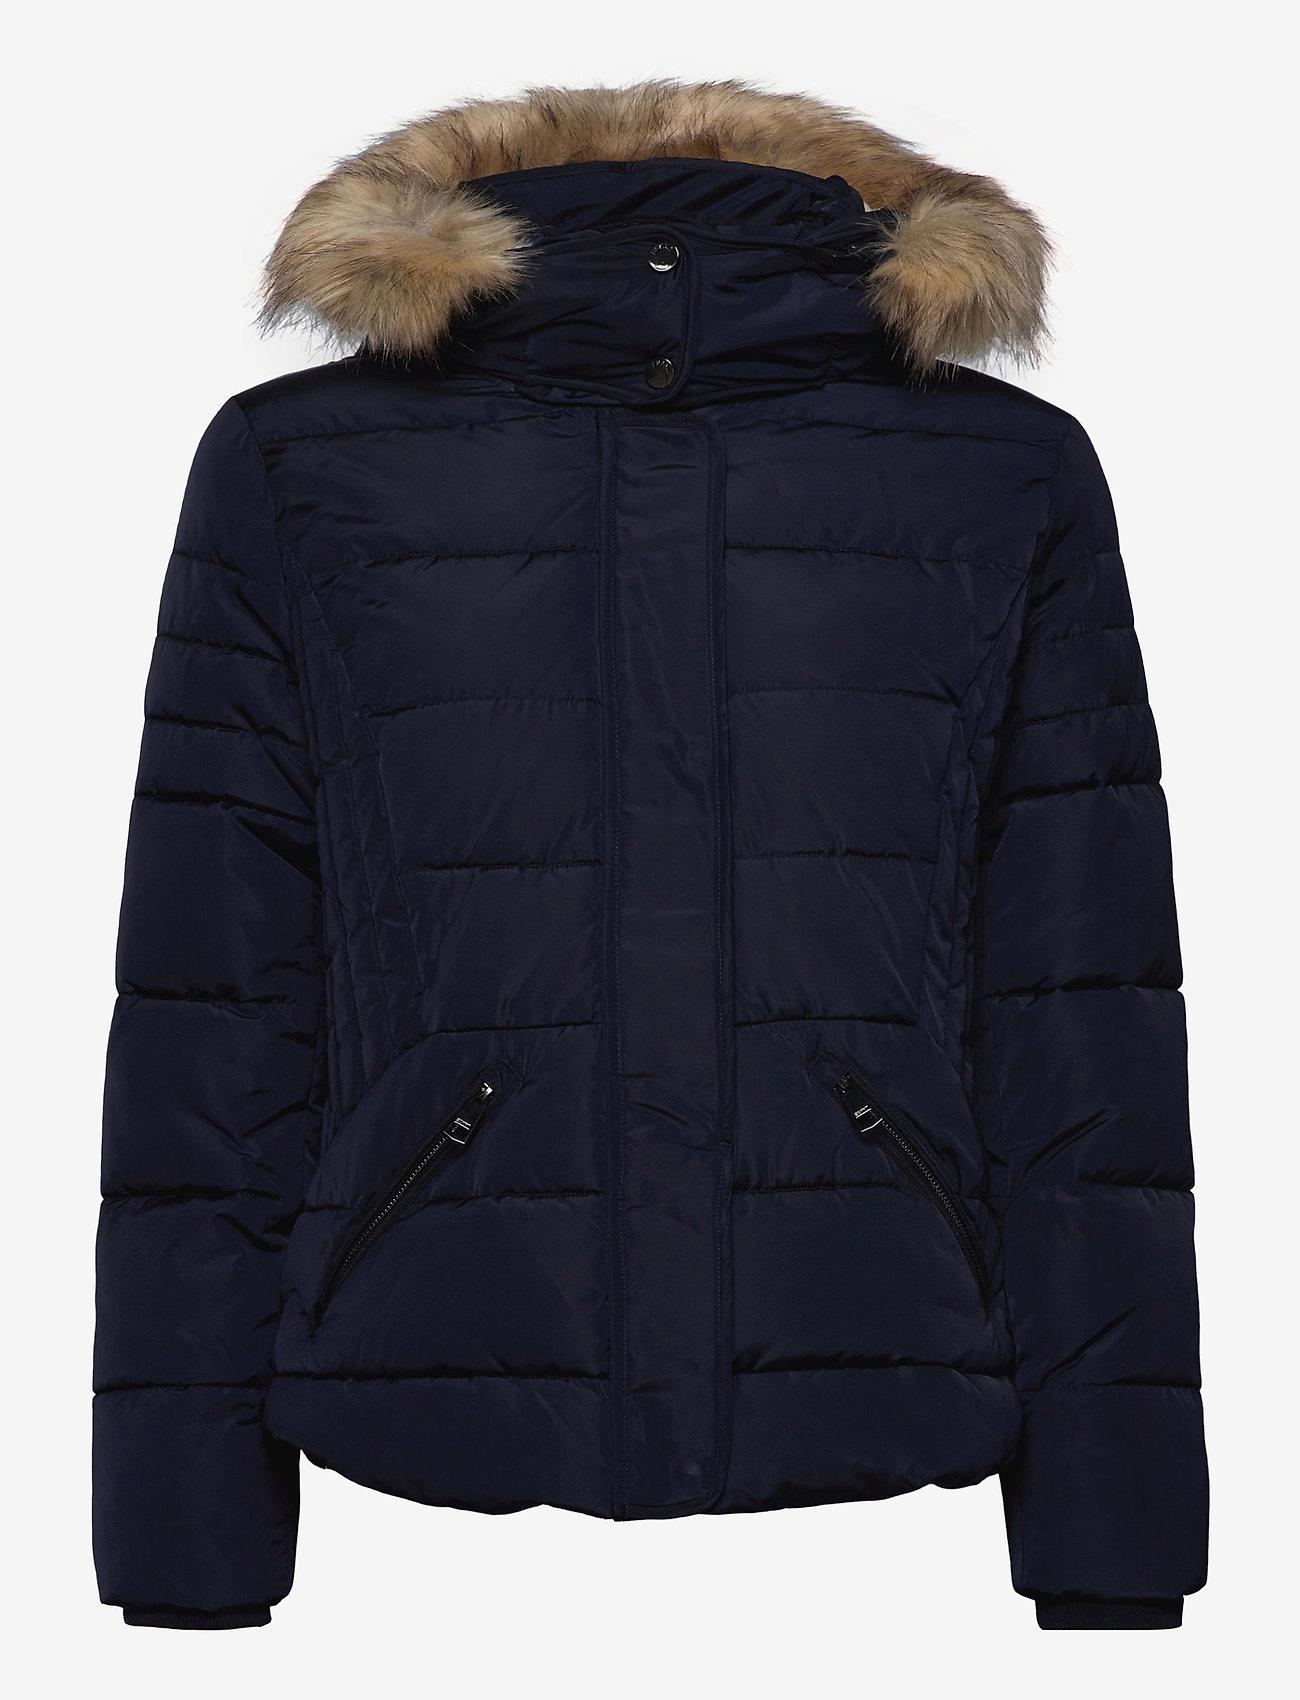 Esprit Casual - Jackets outdoor woven - doudounes - navy - 1